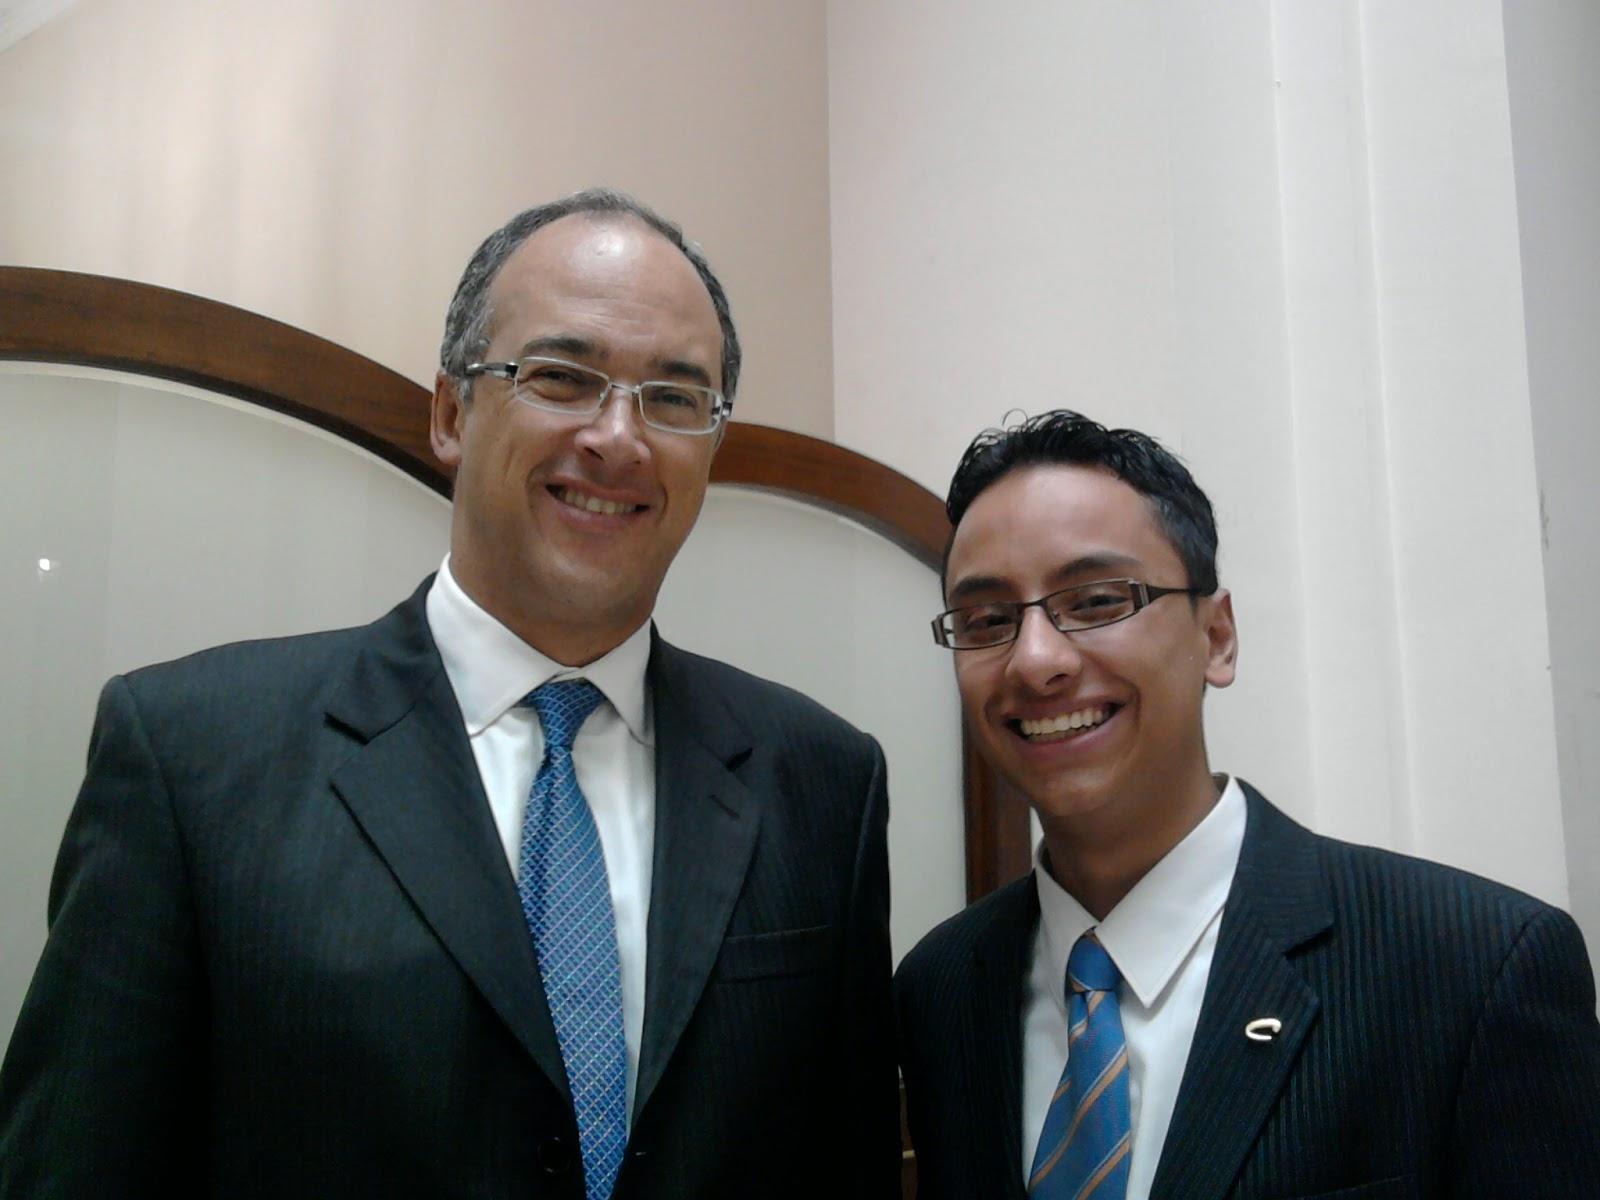 Miguel Angel Olarte, JuventudEs por la PAZ